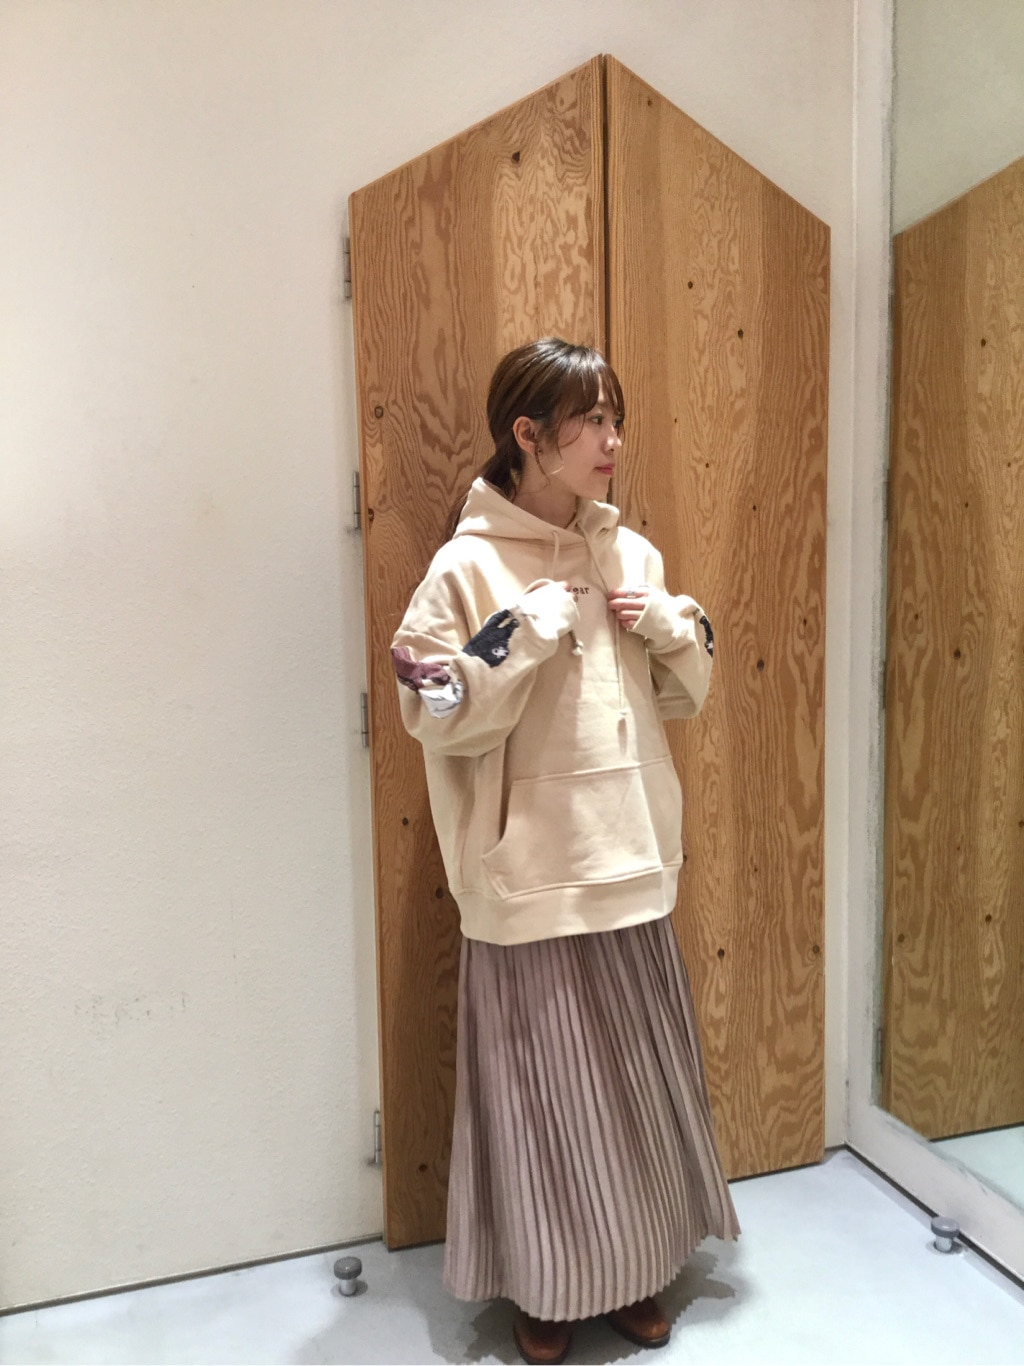 l'atelier du savon グランフロント大阪 身長:152cm 2019.10.18